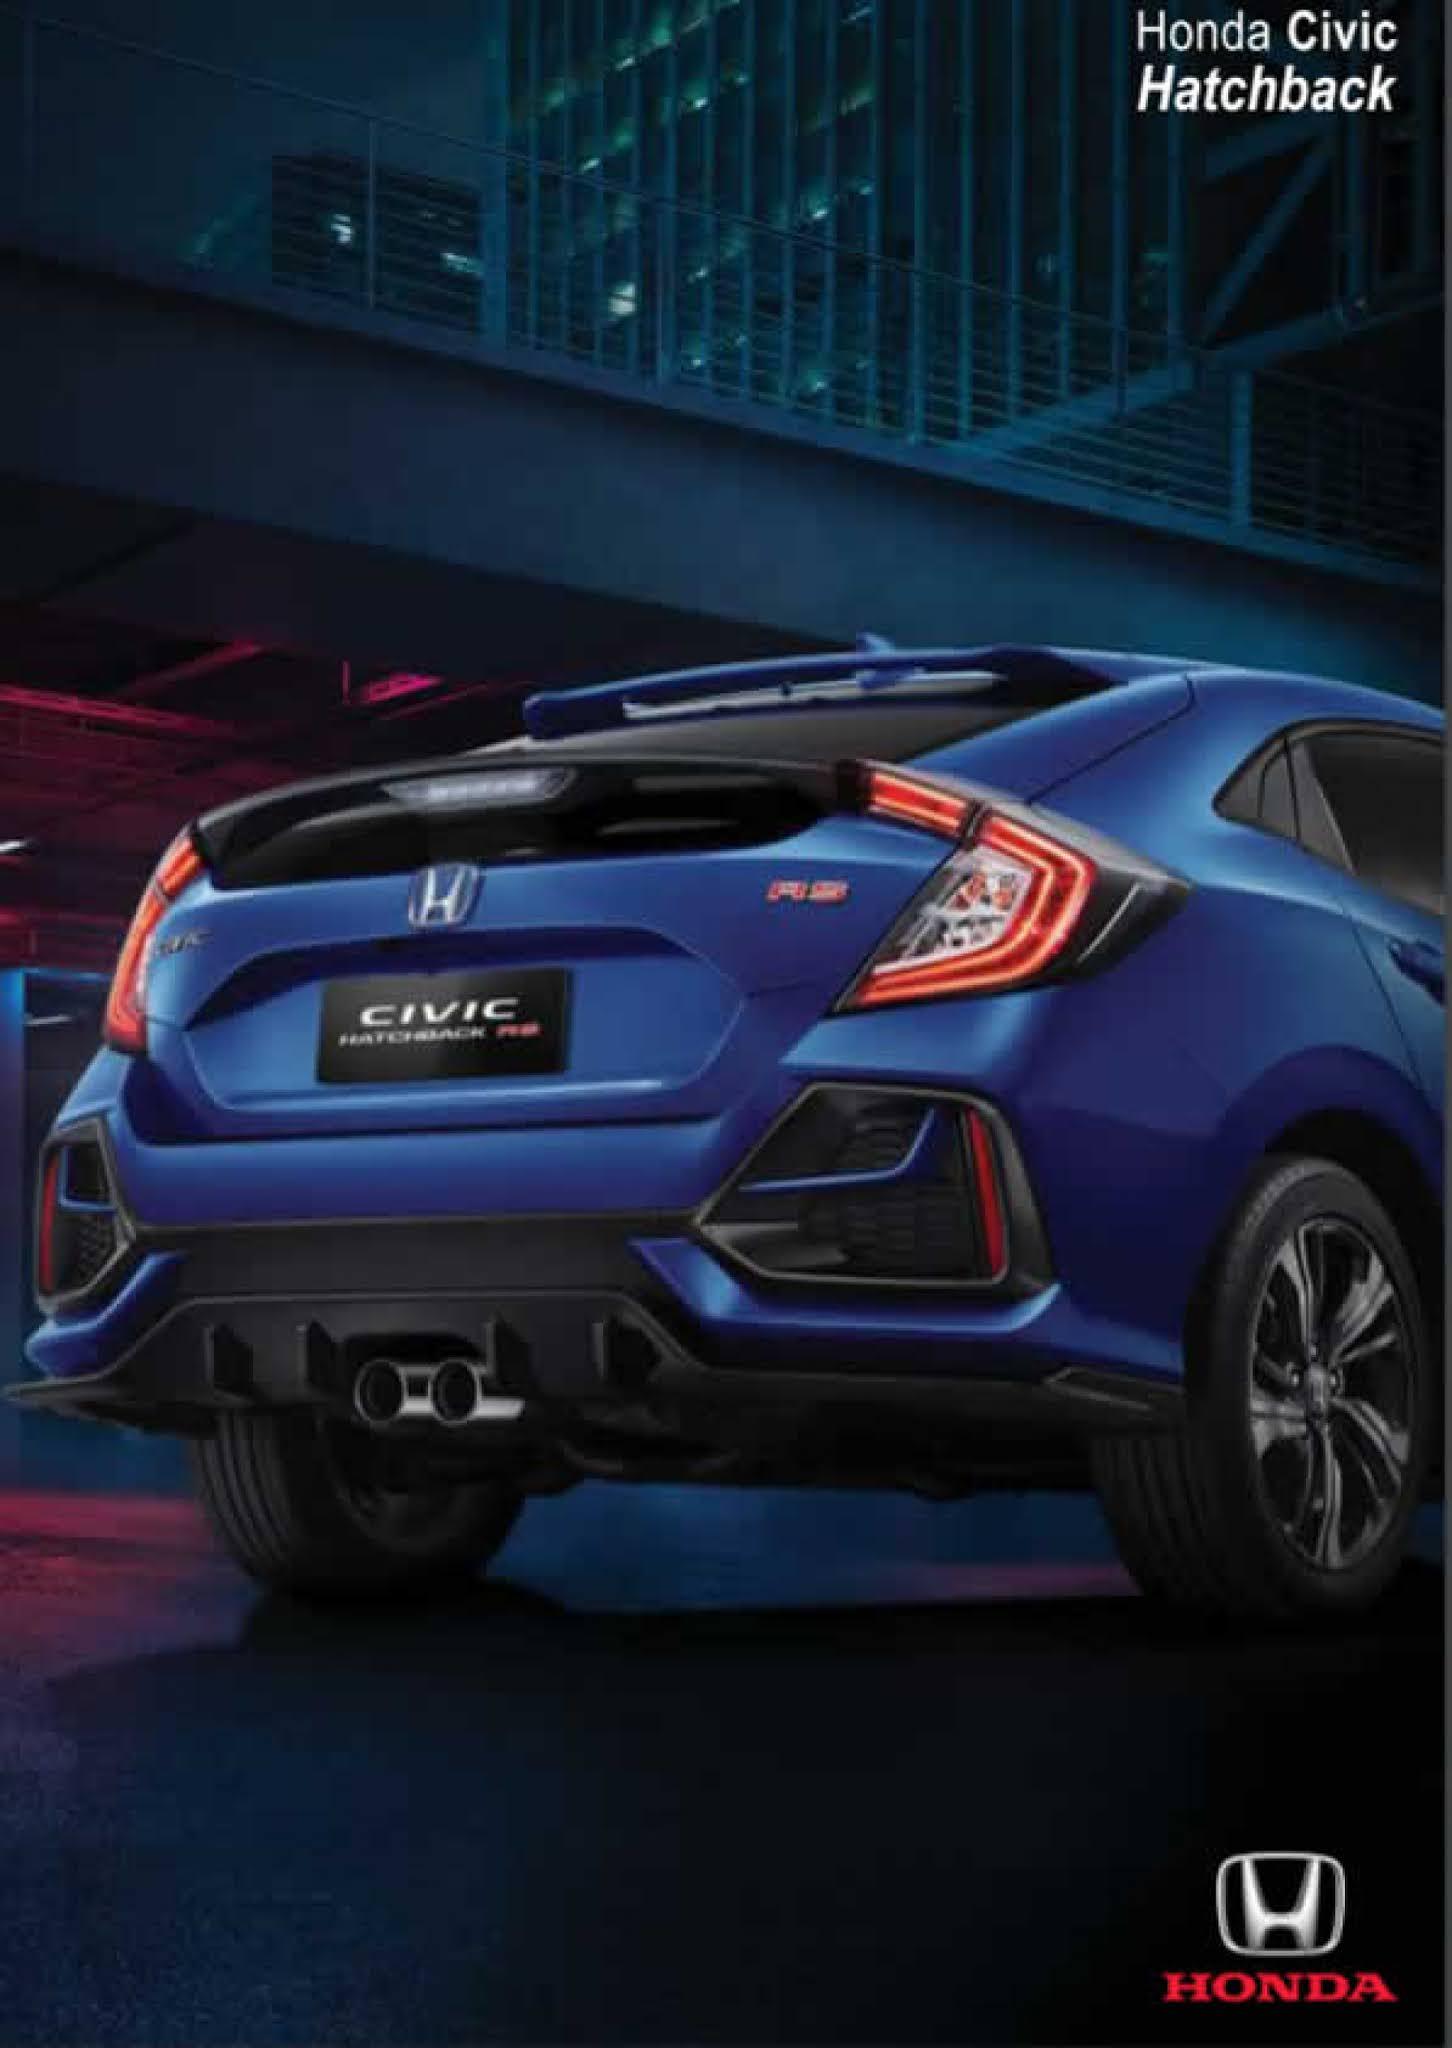 Harga  Honda Civic Hatchback Pekanbaru Riau Terbaru bulan ini 2021